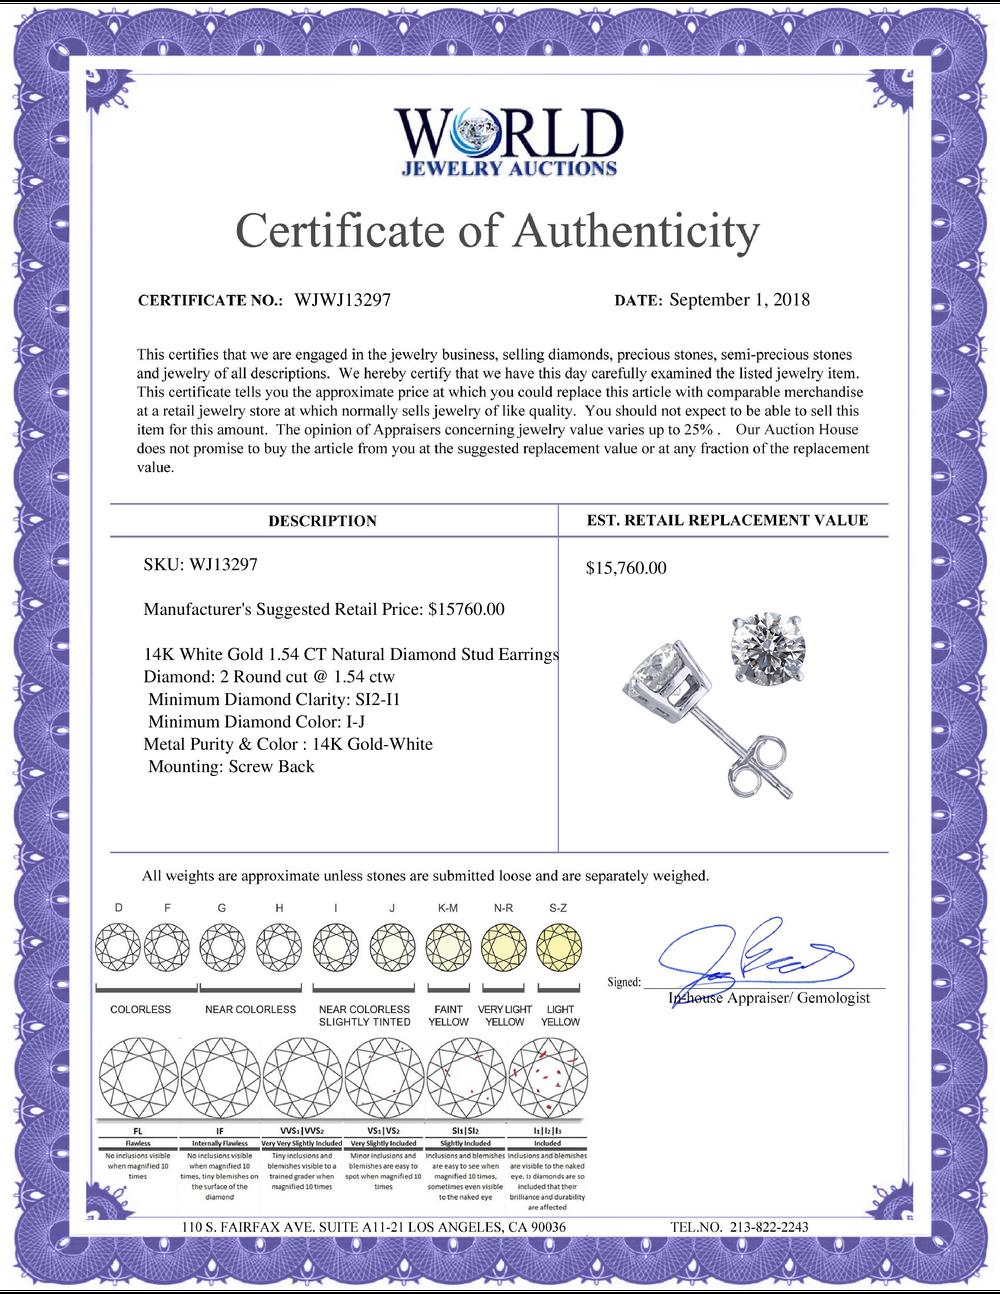 Lot 4176: 14K White Gold 1.54 ctw Natural Diamond Stud Earrings - REF-394F9N-WJ13297